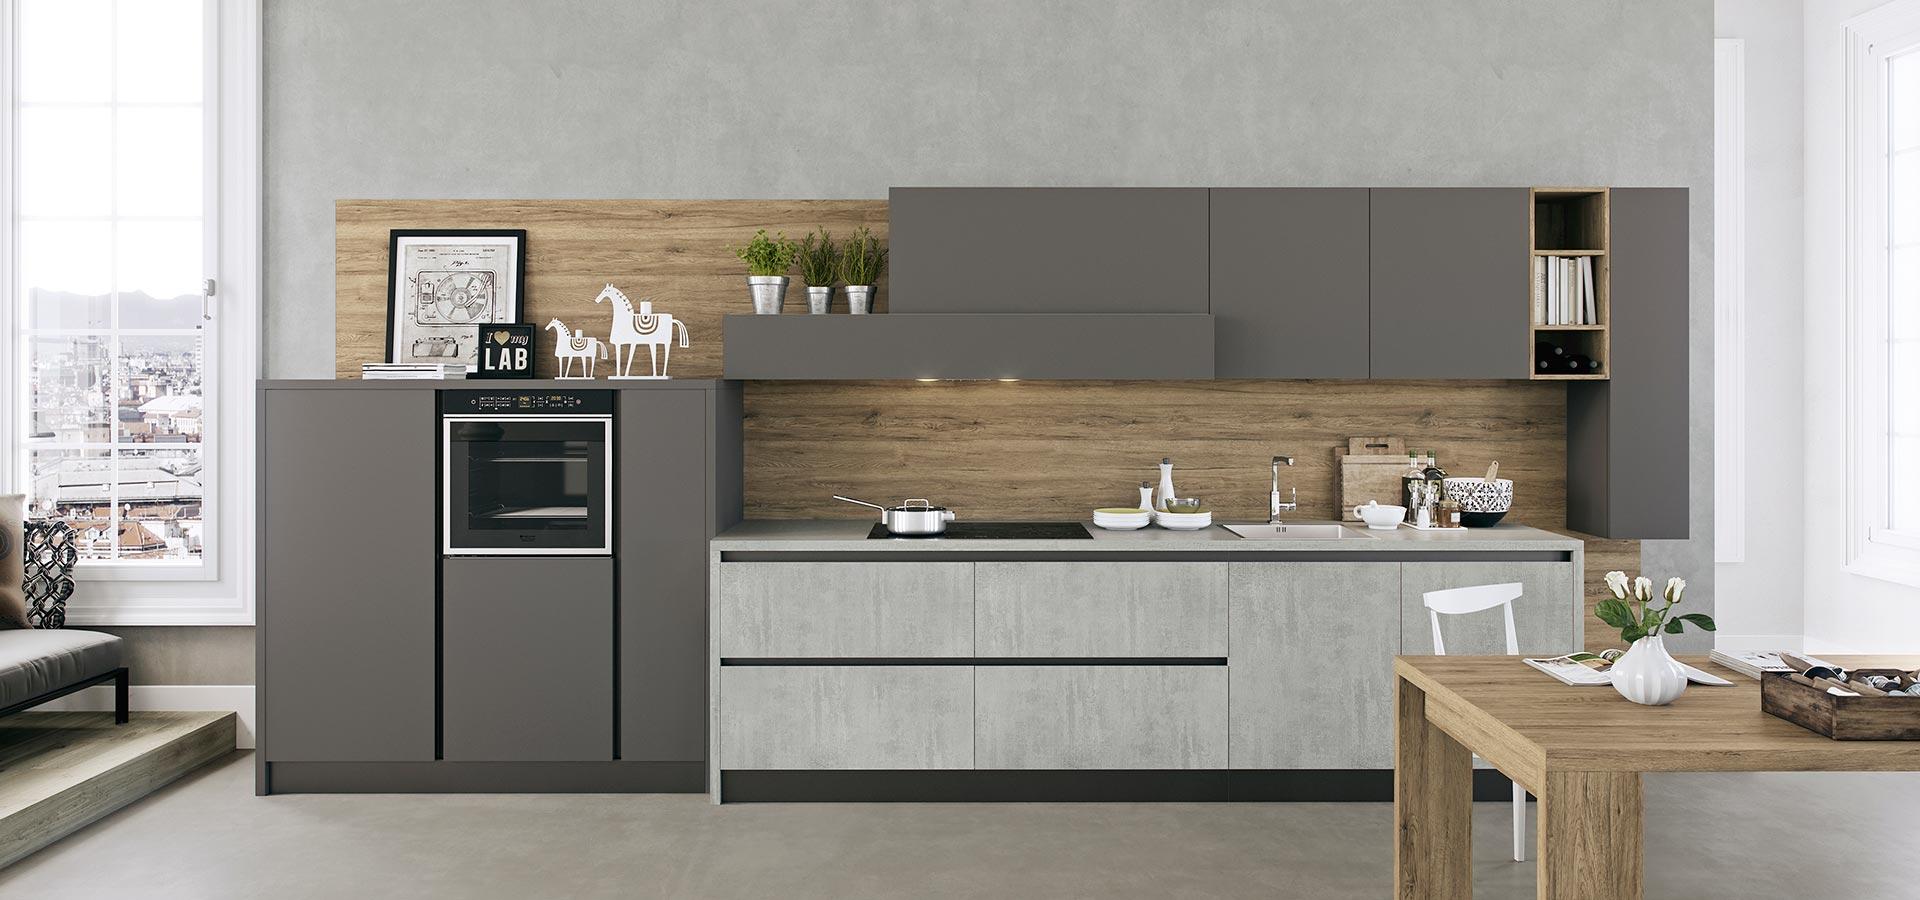 Kali modern kitchen arredo3 for Modern contemporary kitchen